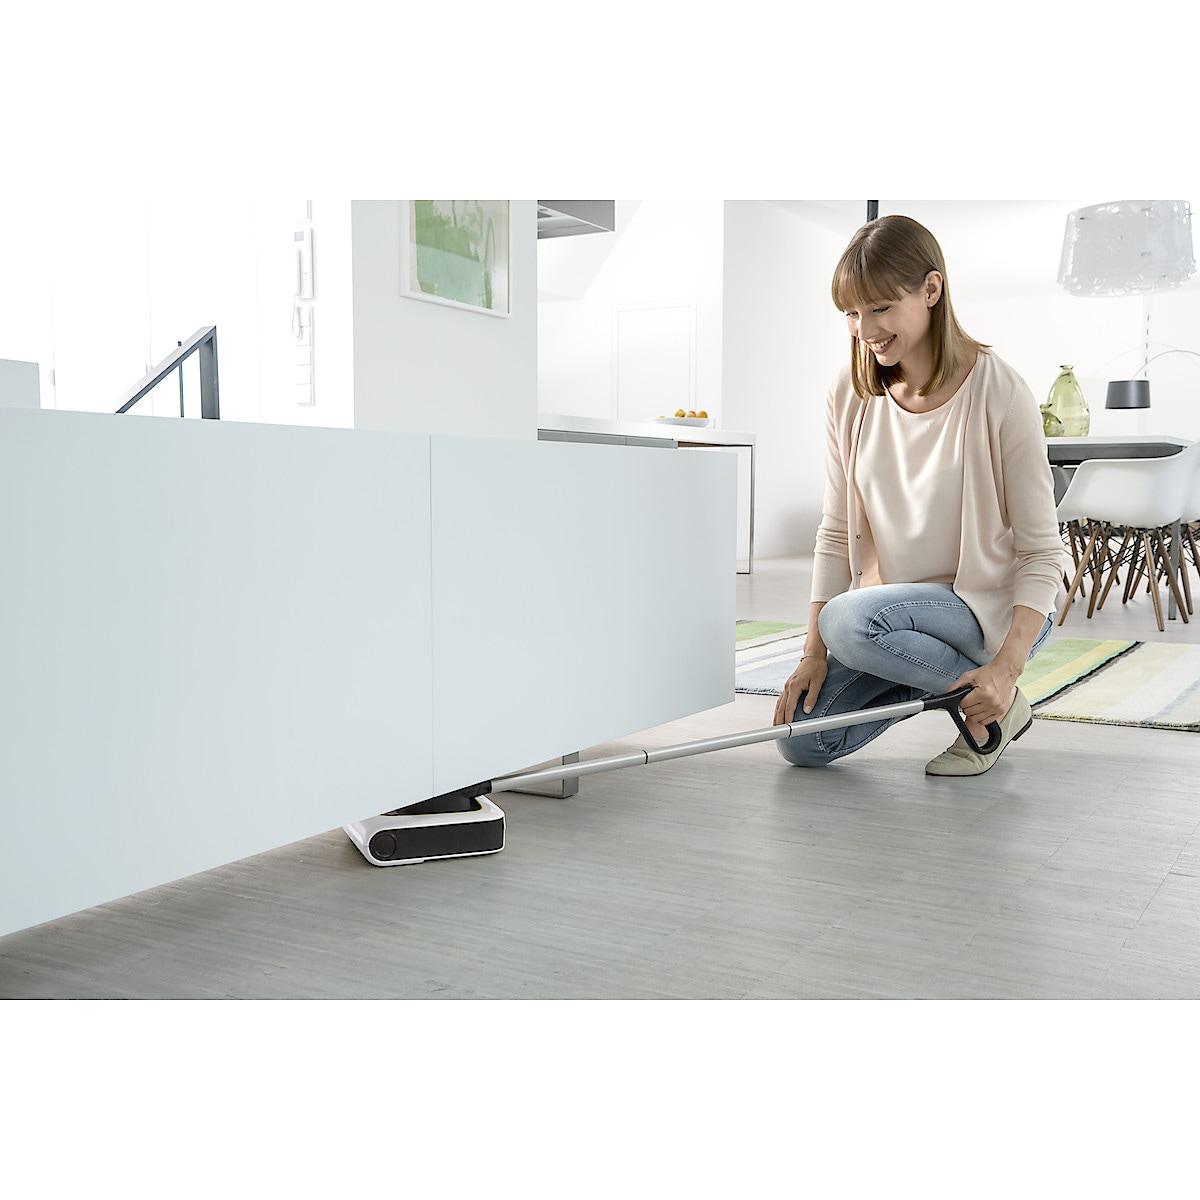 Uppladdningsbar golv- och mattsopare Kärcher KB5 Premium